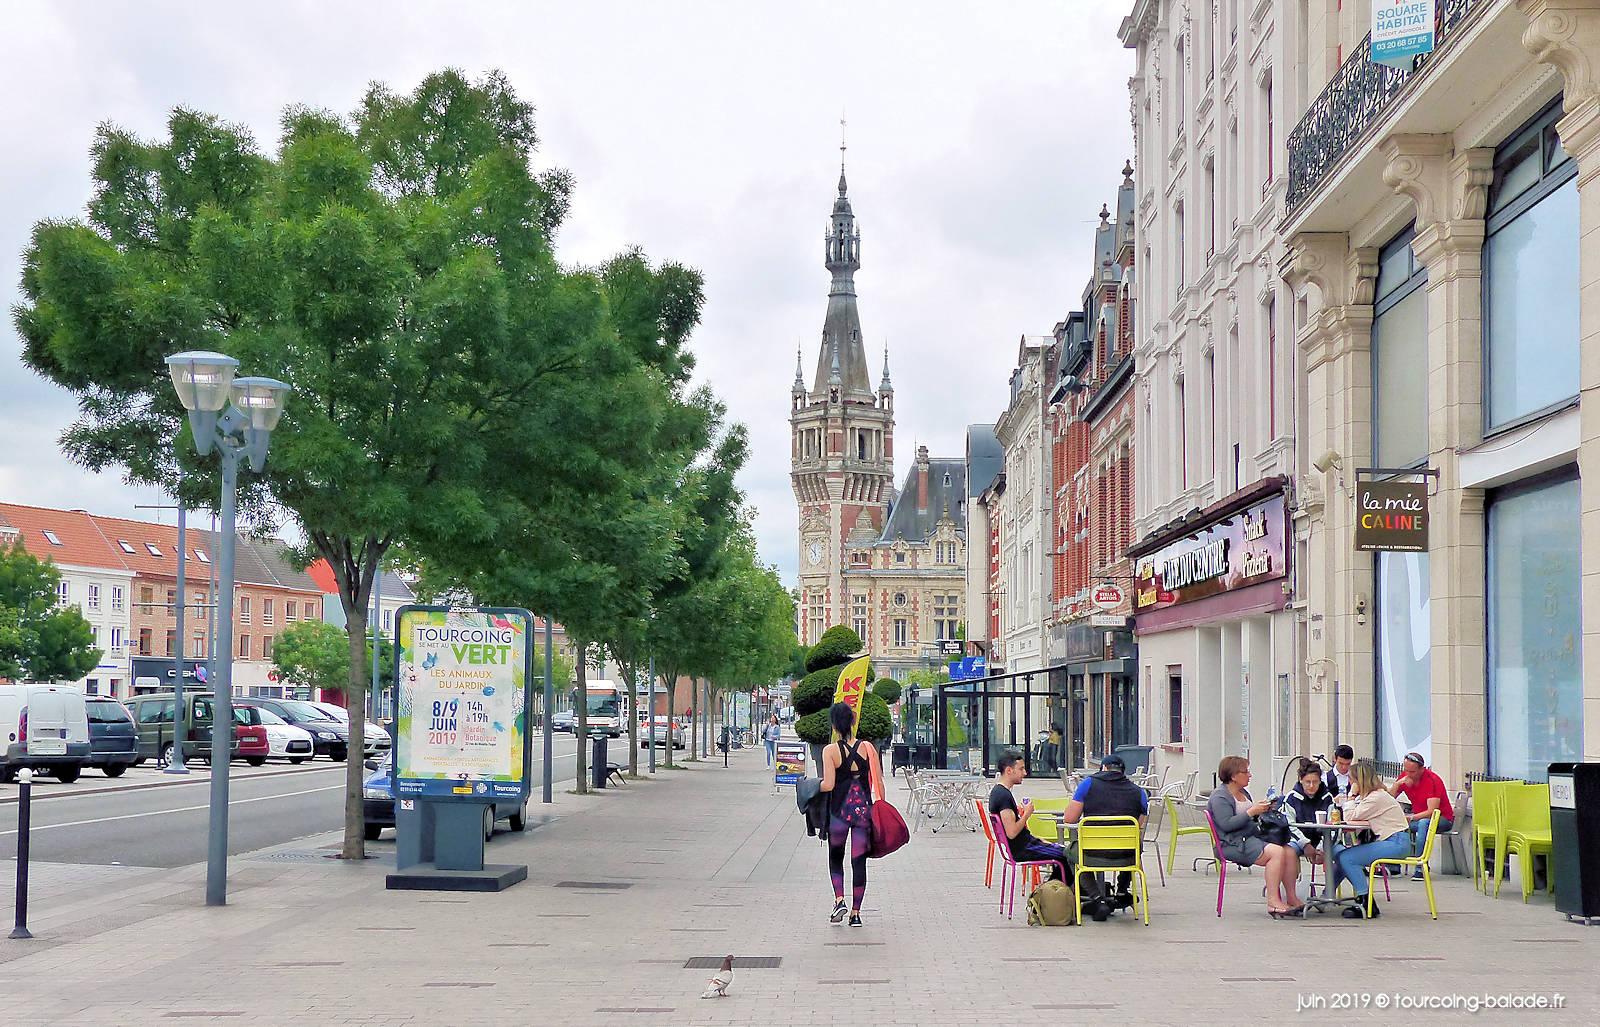 Place de la République Tourcoing - La Mie Câline